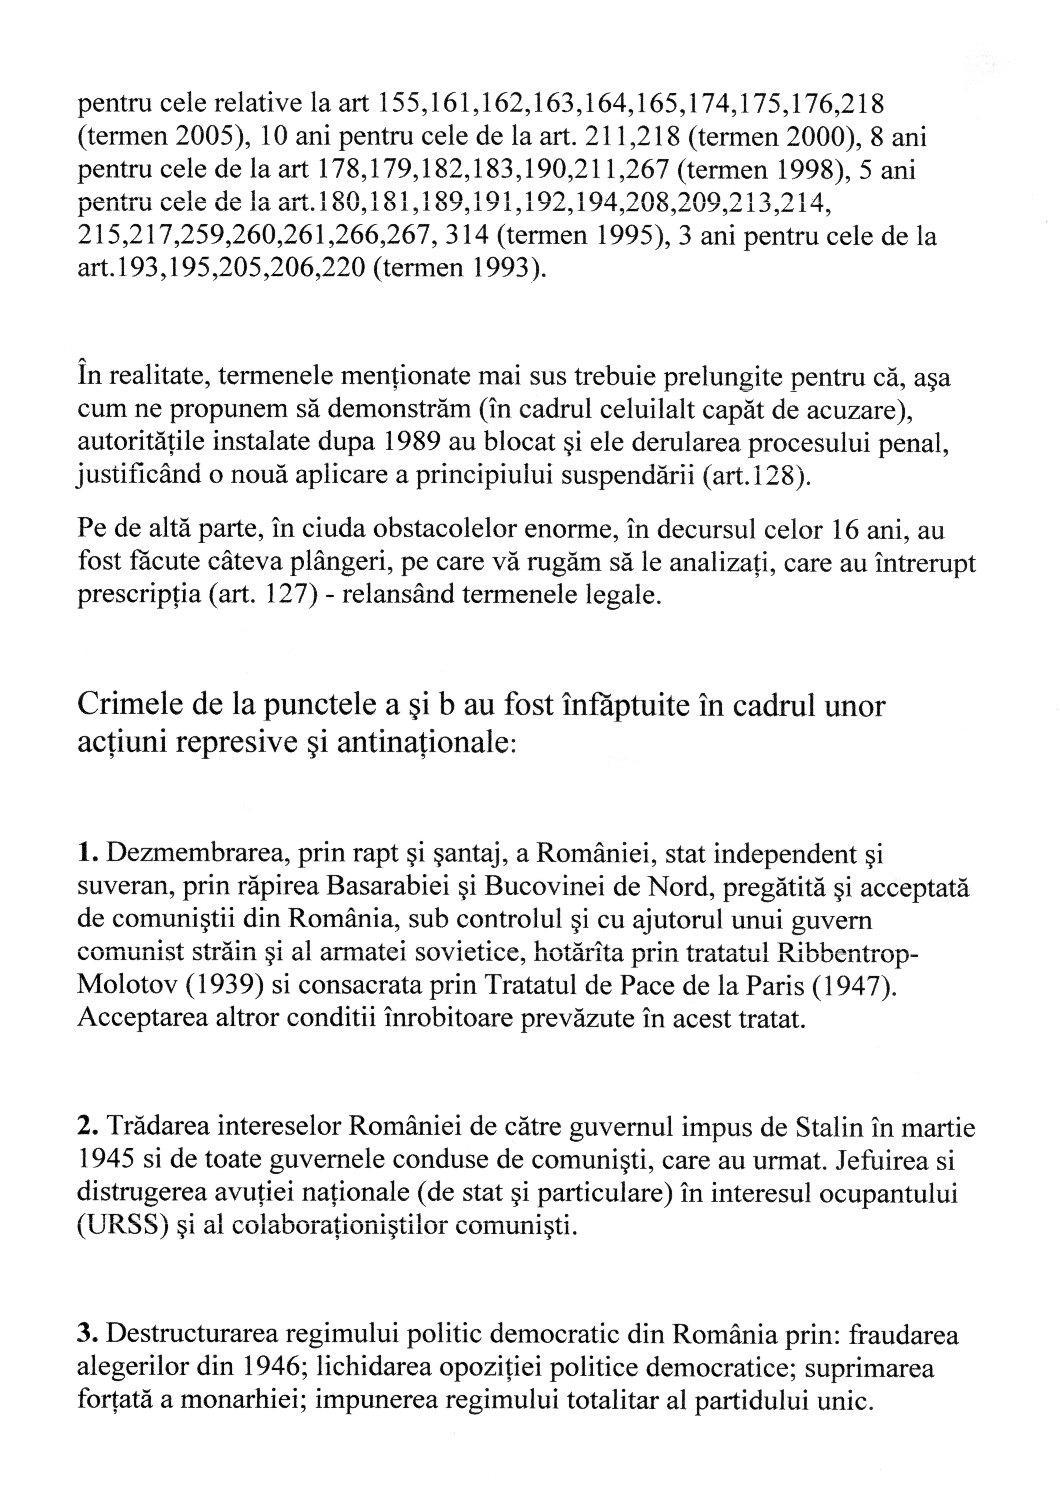 PP pg 3